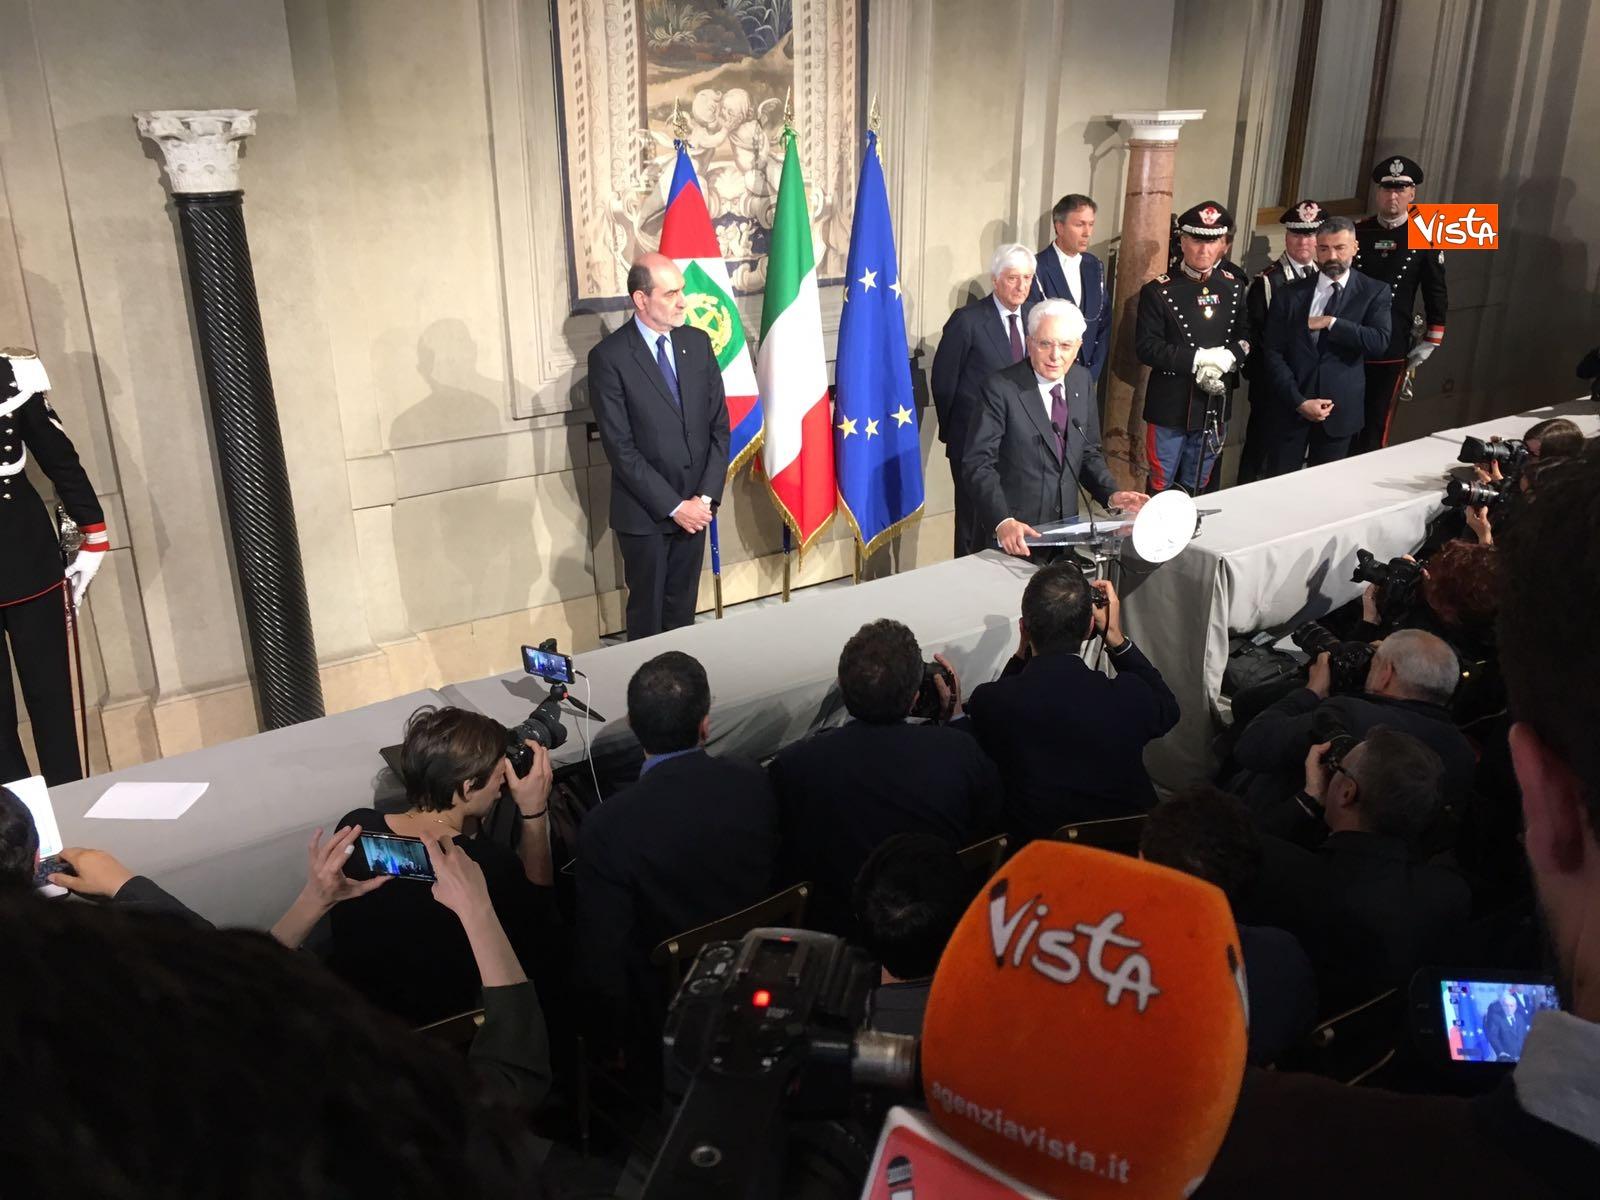 07-05-18 Mattarella il discorso al termine delle consultazioni immagini_16